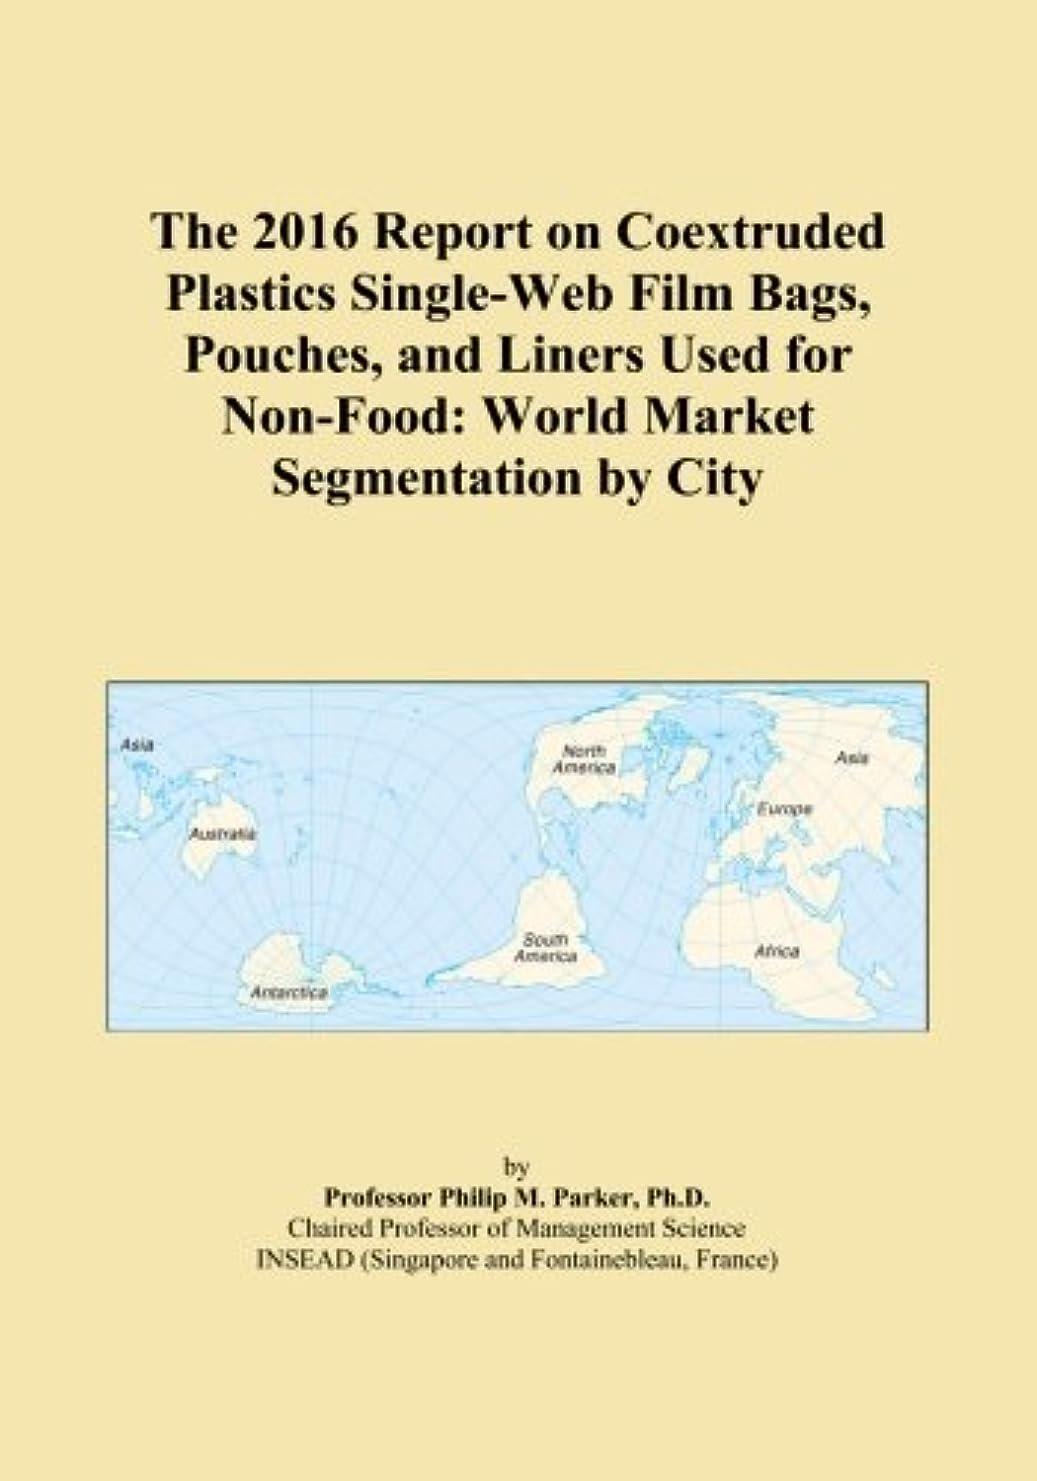 服象援助するThe 2016 Report on Coextruded Plastics Single-Web Film Bags, Pouches, and Liners Used for Non-Food: World Market Segmentation by City